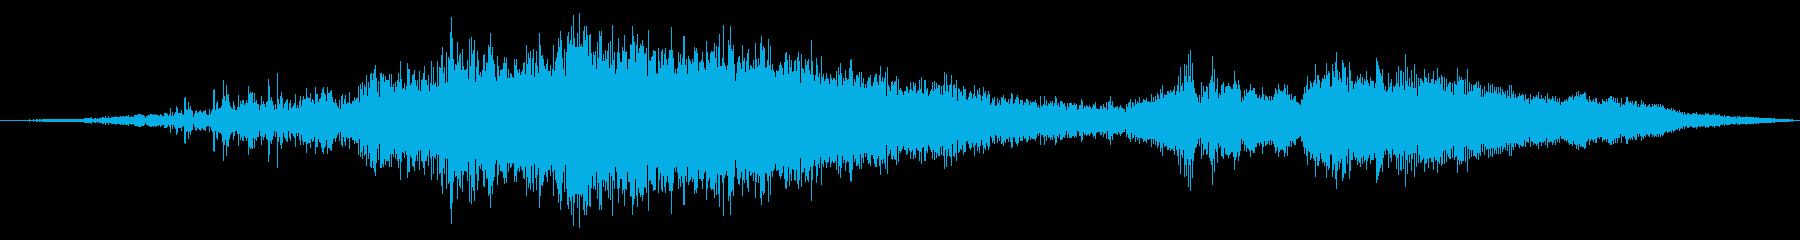 オフロードトラックレース:Ext:...の再生済みの波形